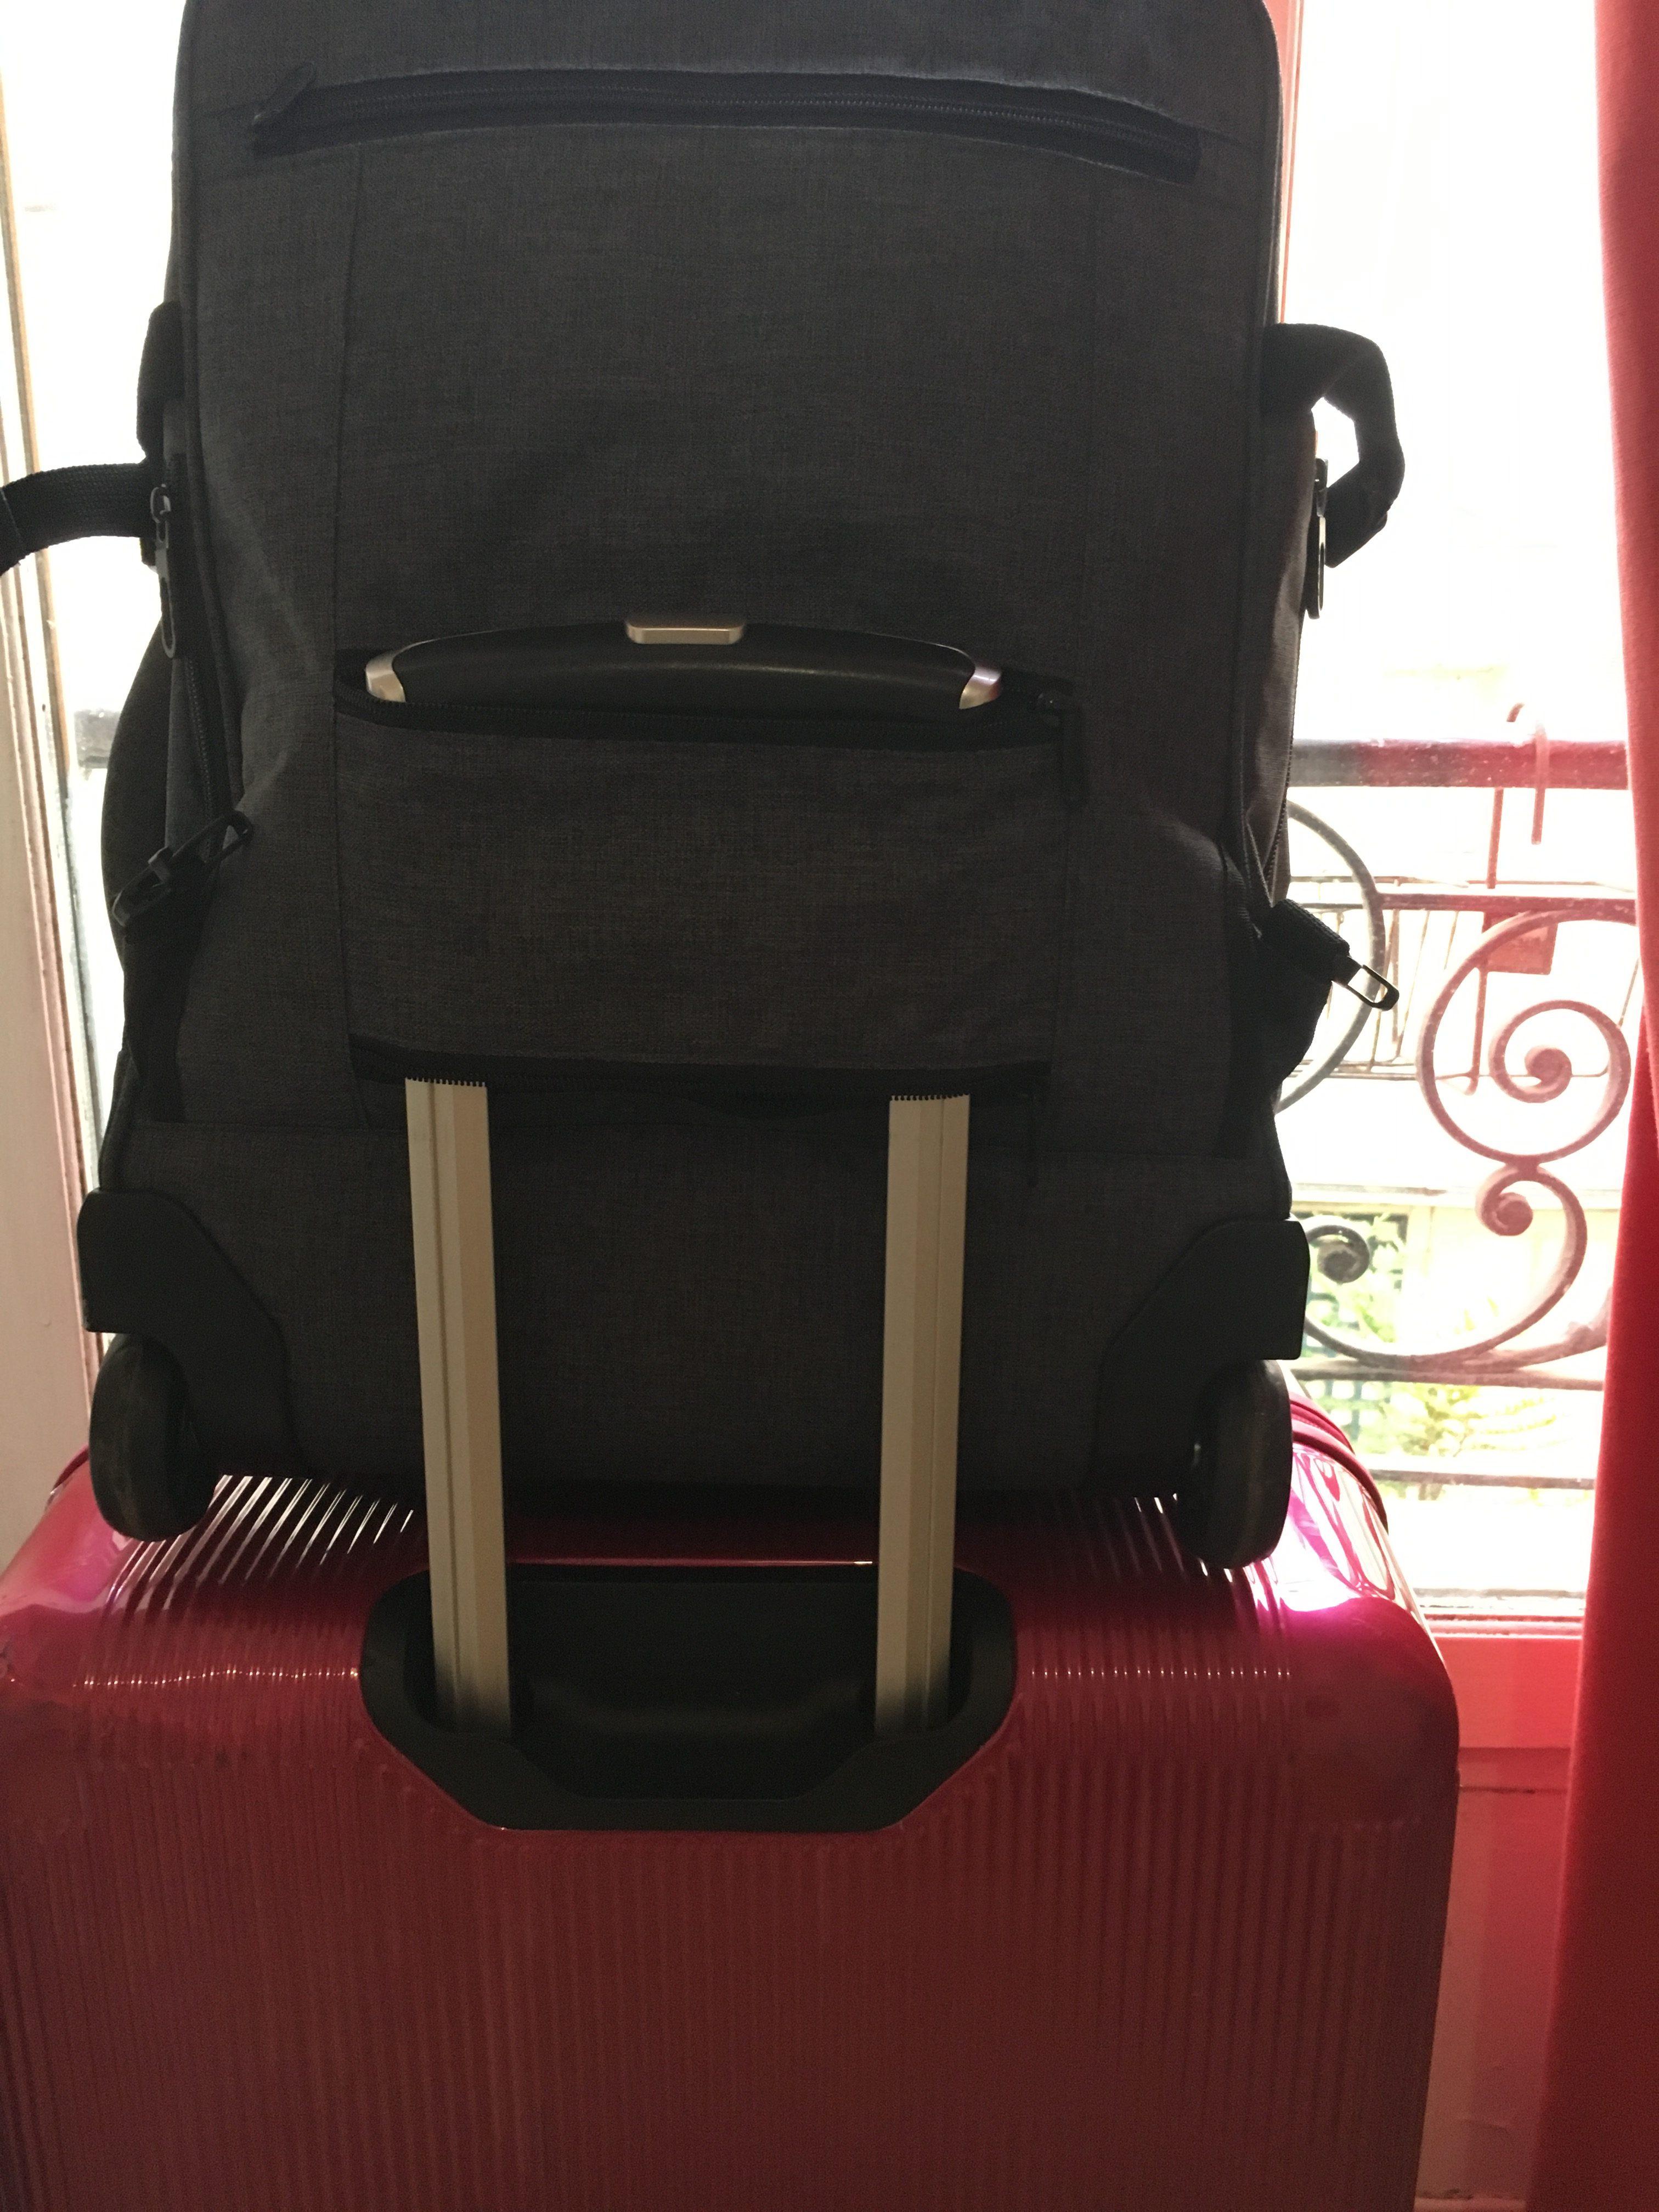 移動中はスーツケースの上にのせて持ち運べるけどキャリーもついてる機内持ち込みバッグ!